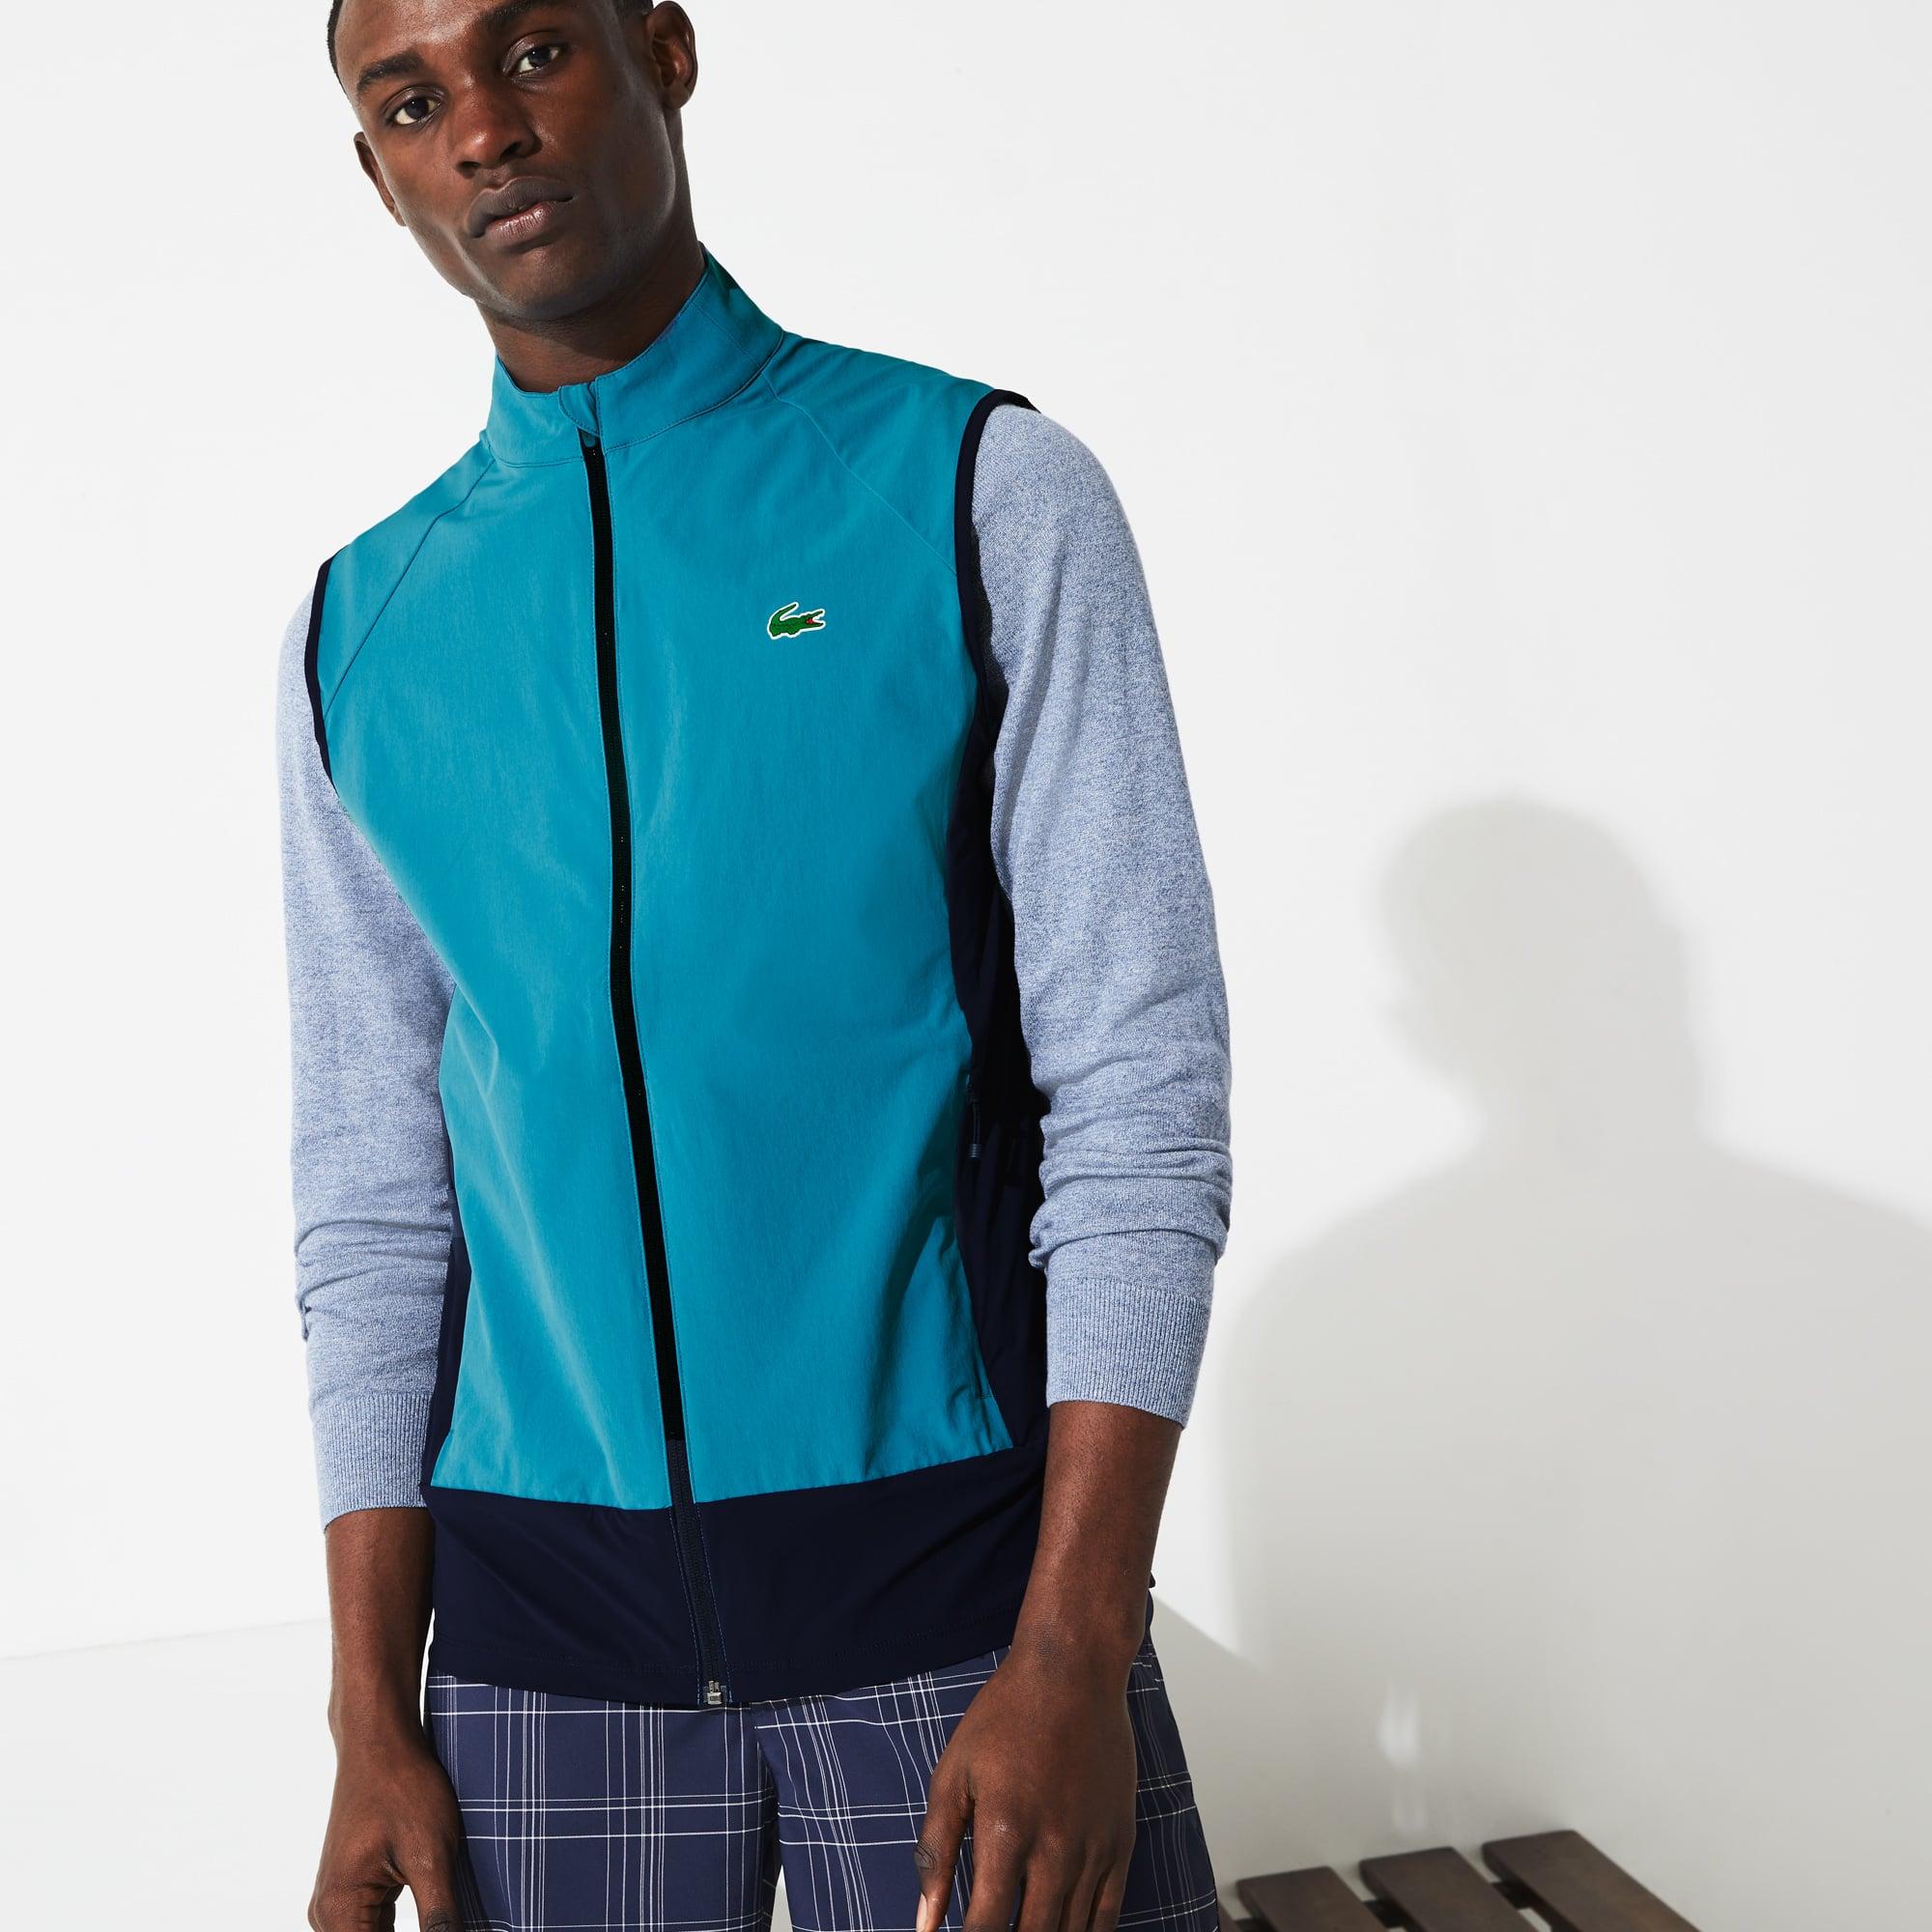 라코스테 Lacoste Mens SPORT Colorblock Technical Taffeta Golf Quilted Vest,Blue / Navy Blue